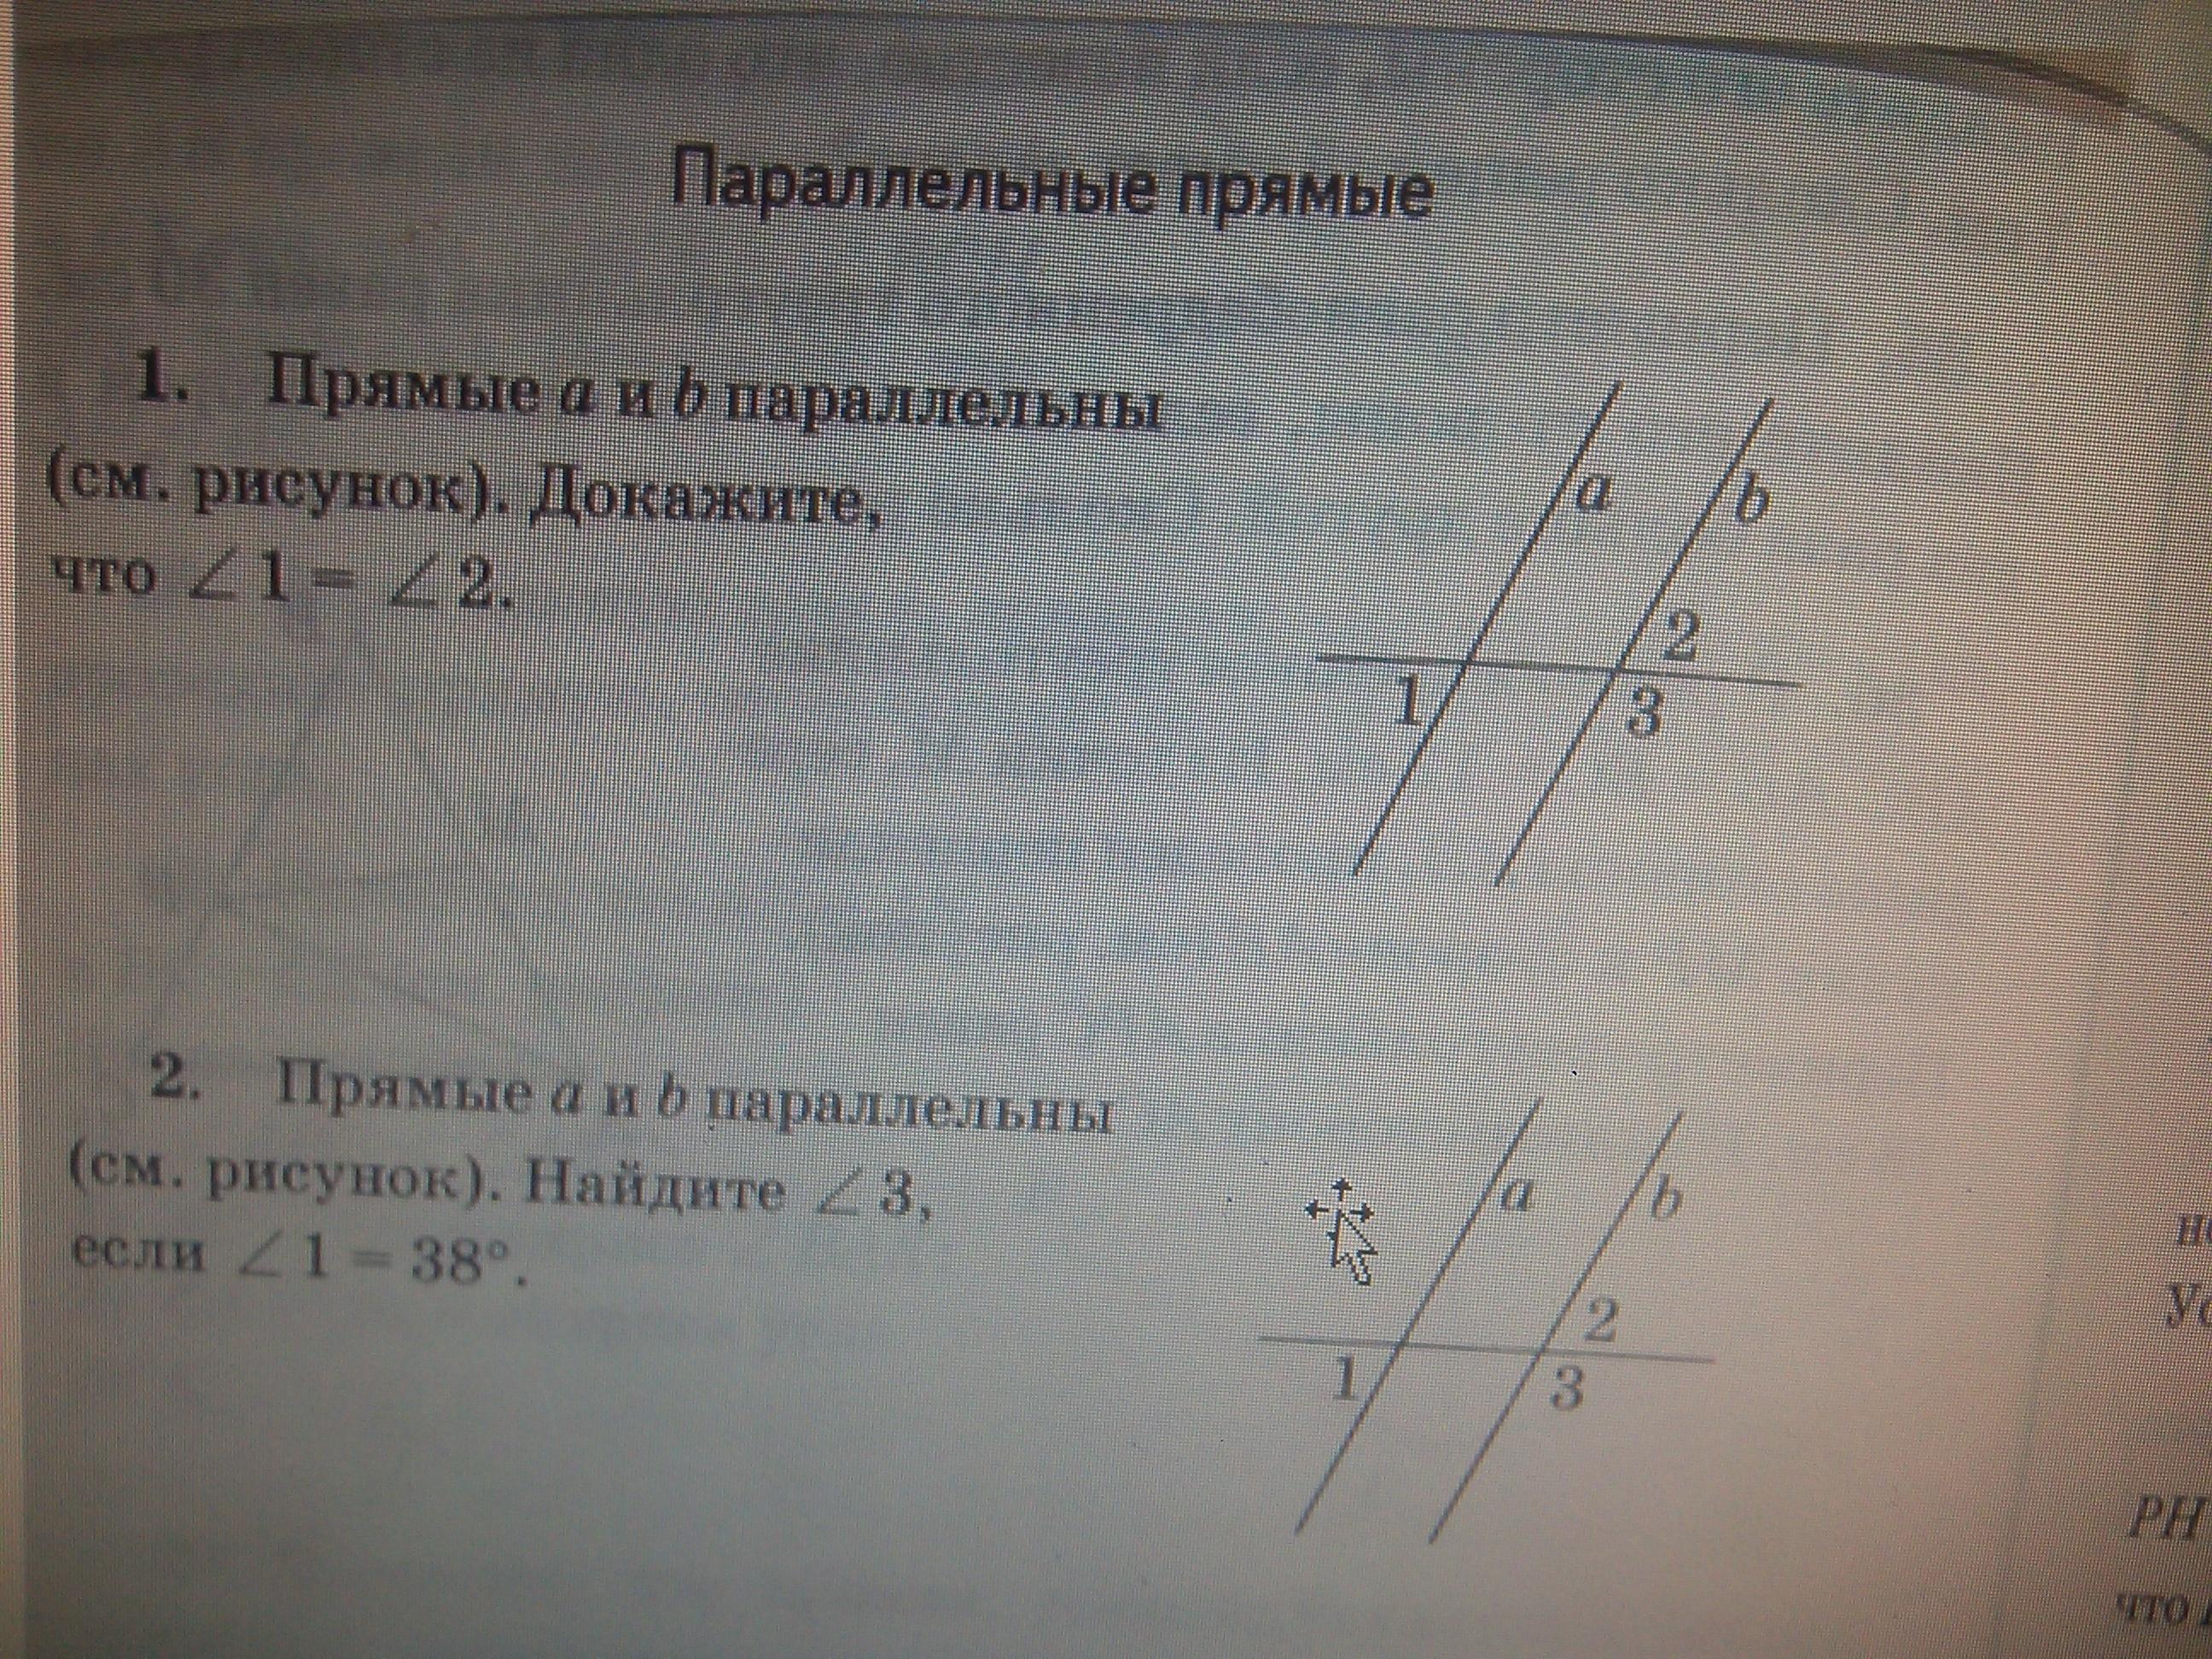 Прямые a и b параллельны?